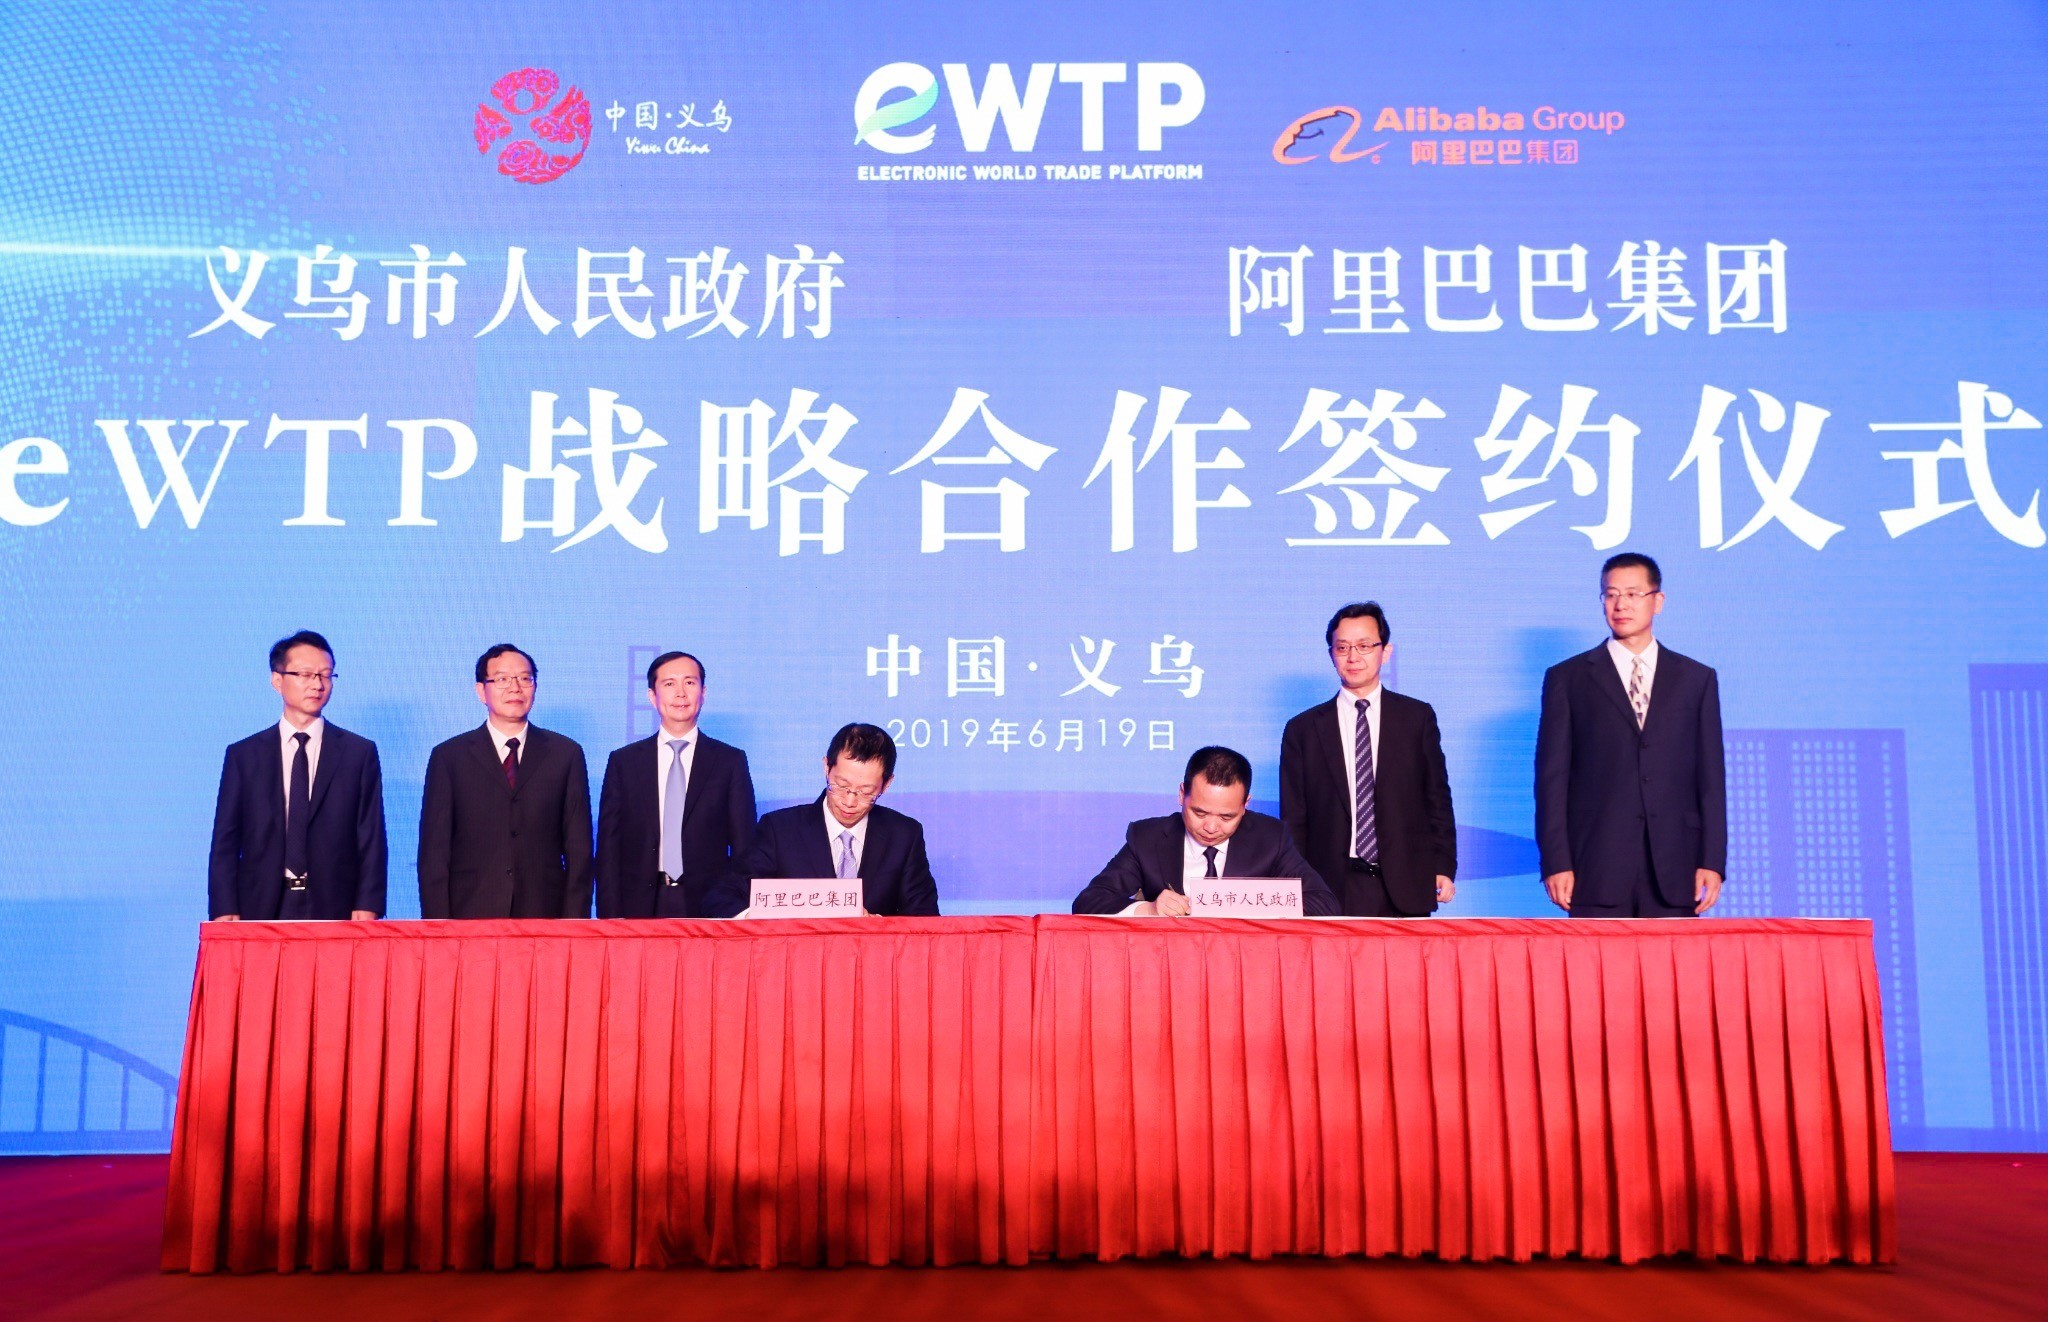 义乌与阿里签署协议:共建eWTP 探索贸易新模式